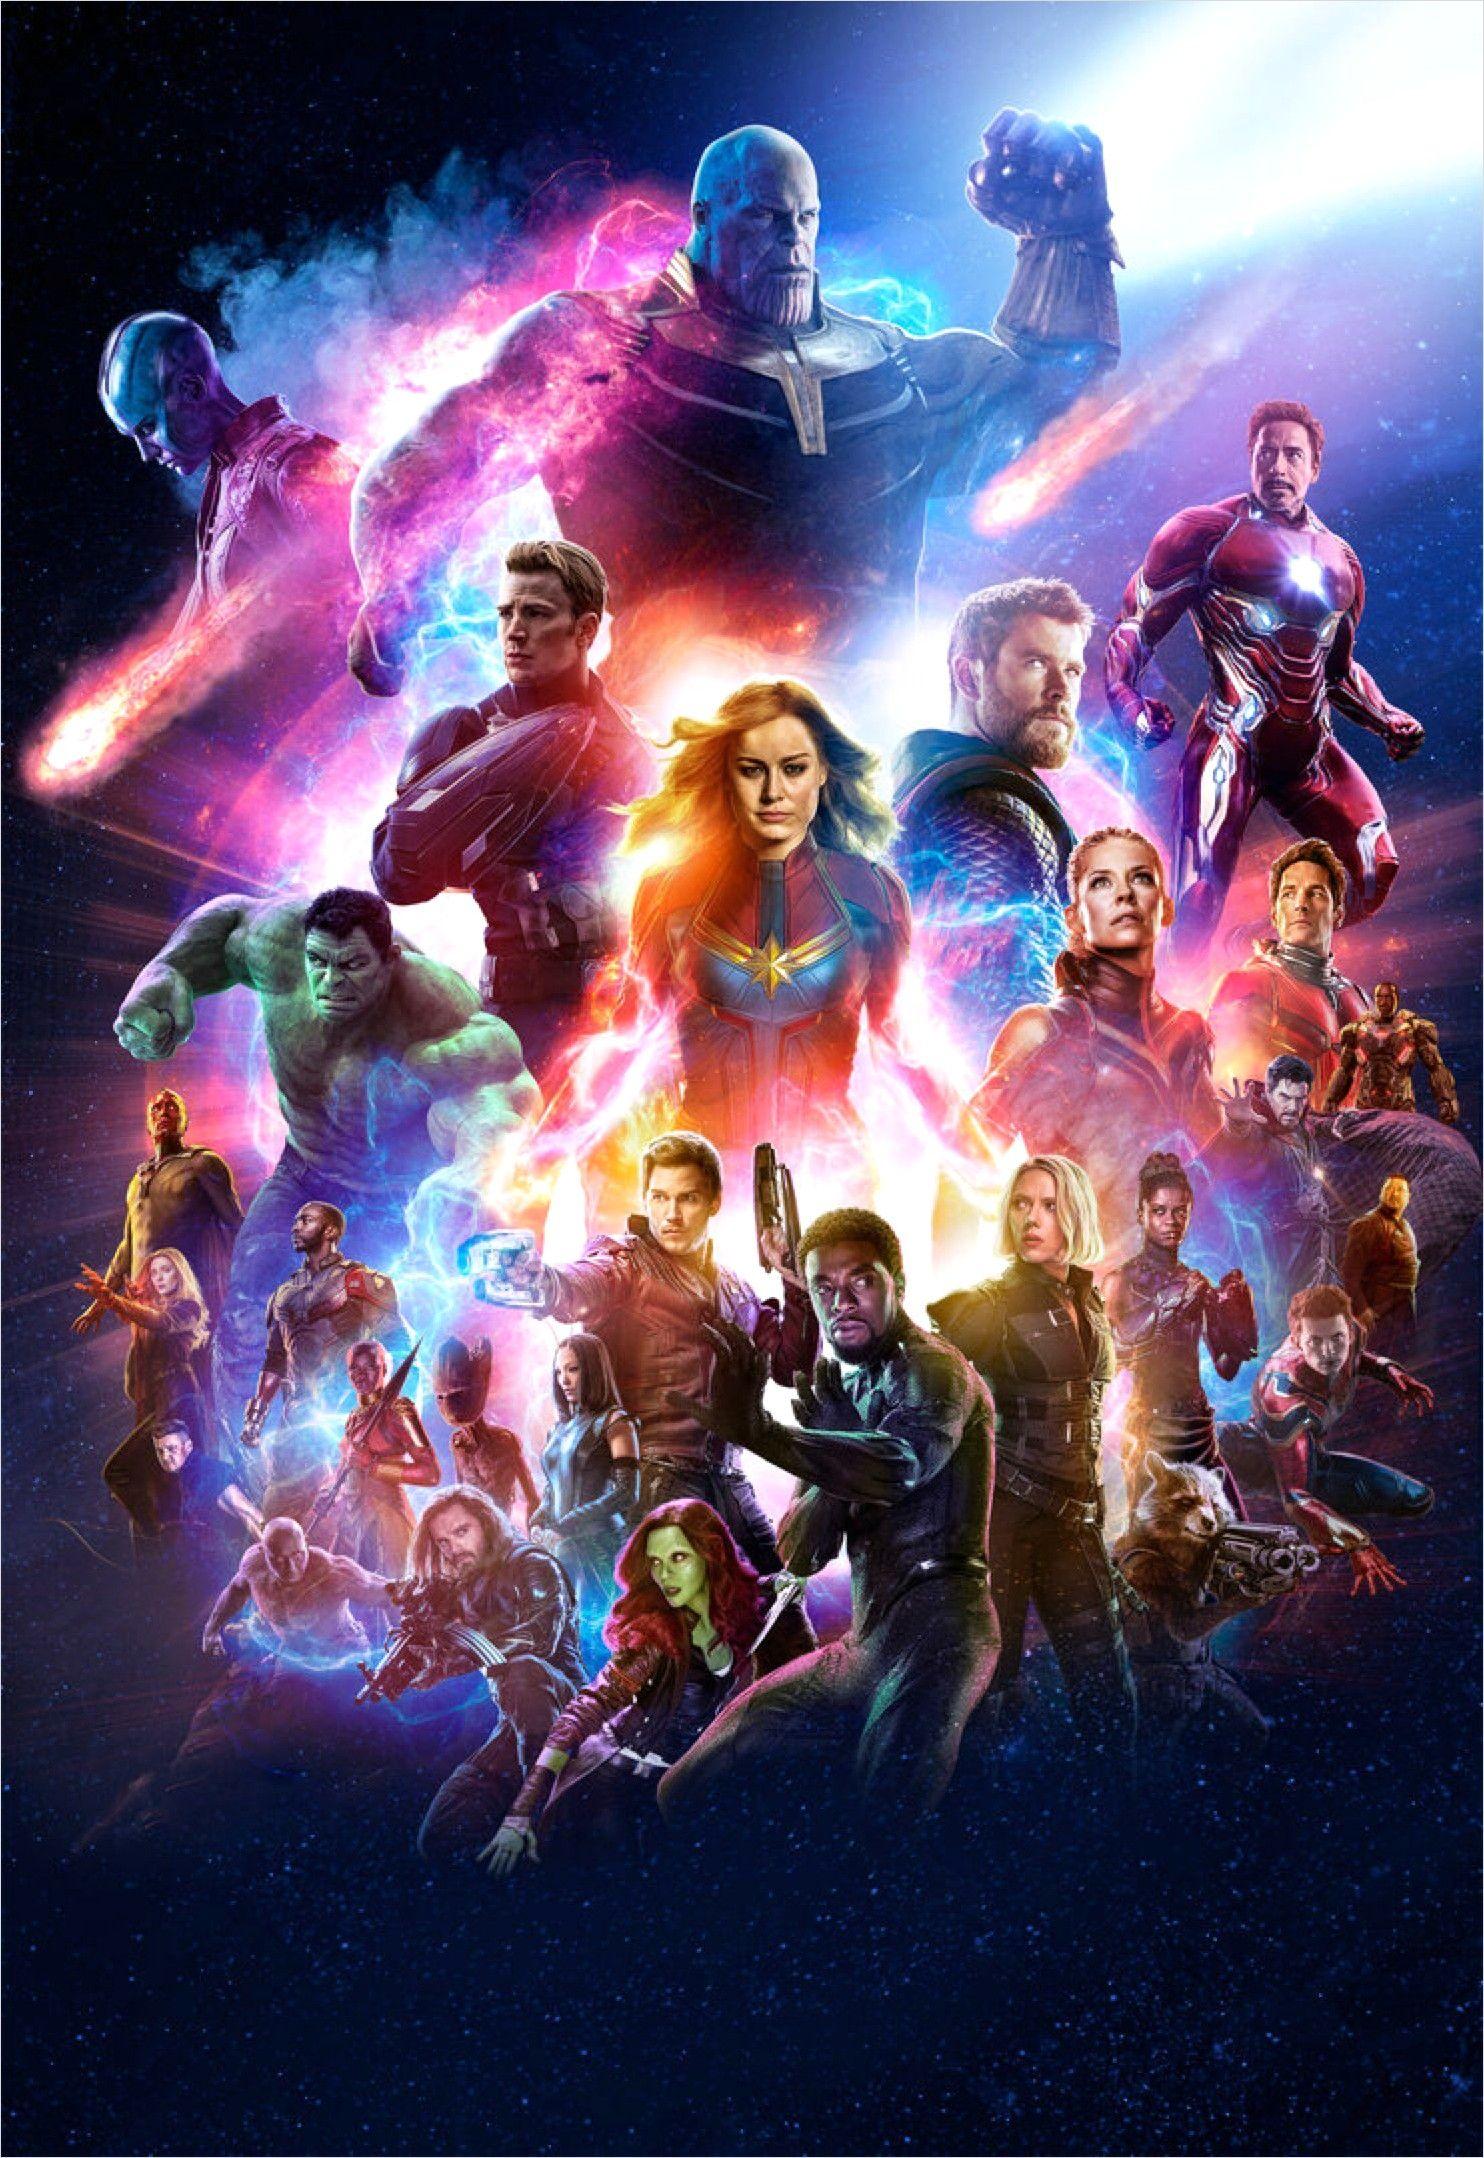 4k Avengers Wallpaper For Mobile In 2020 Avengers Marvel Avengers Funny Marvel Tumblr